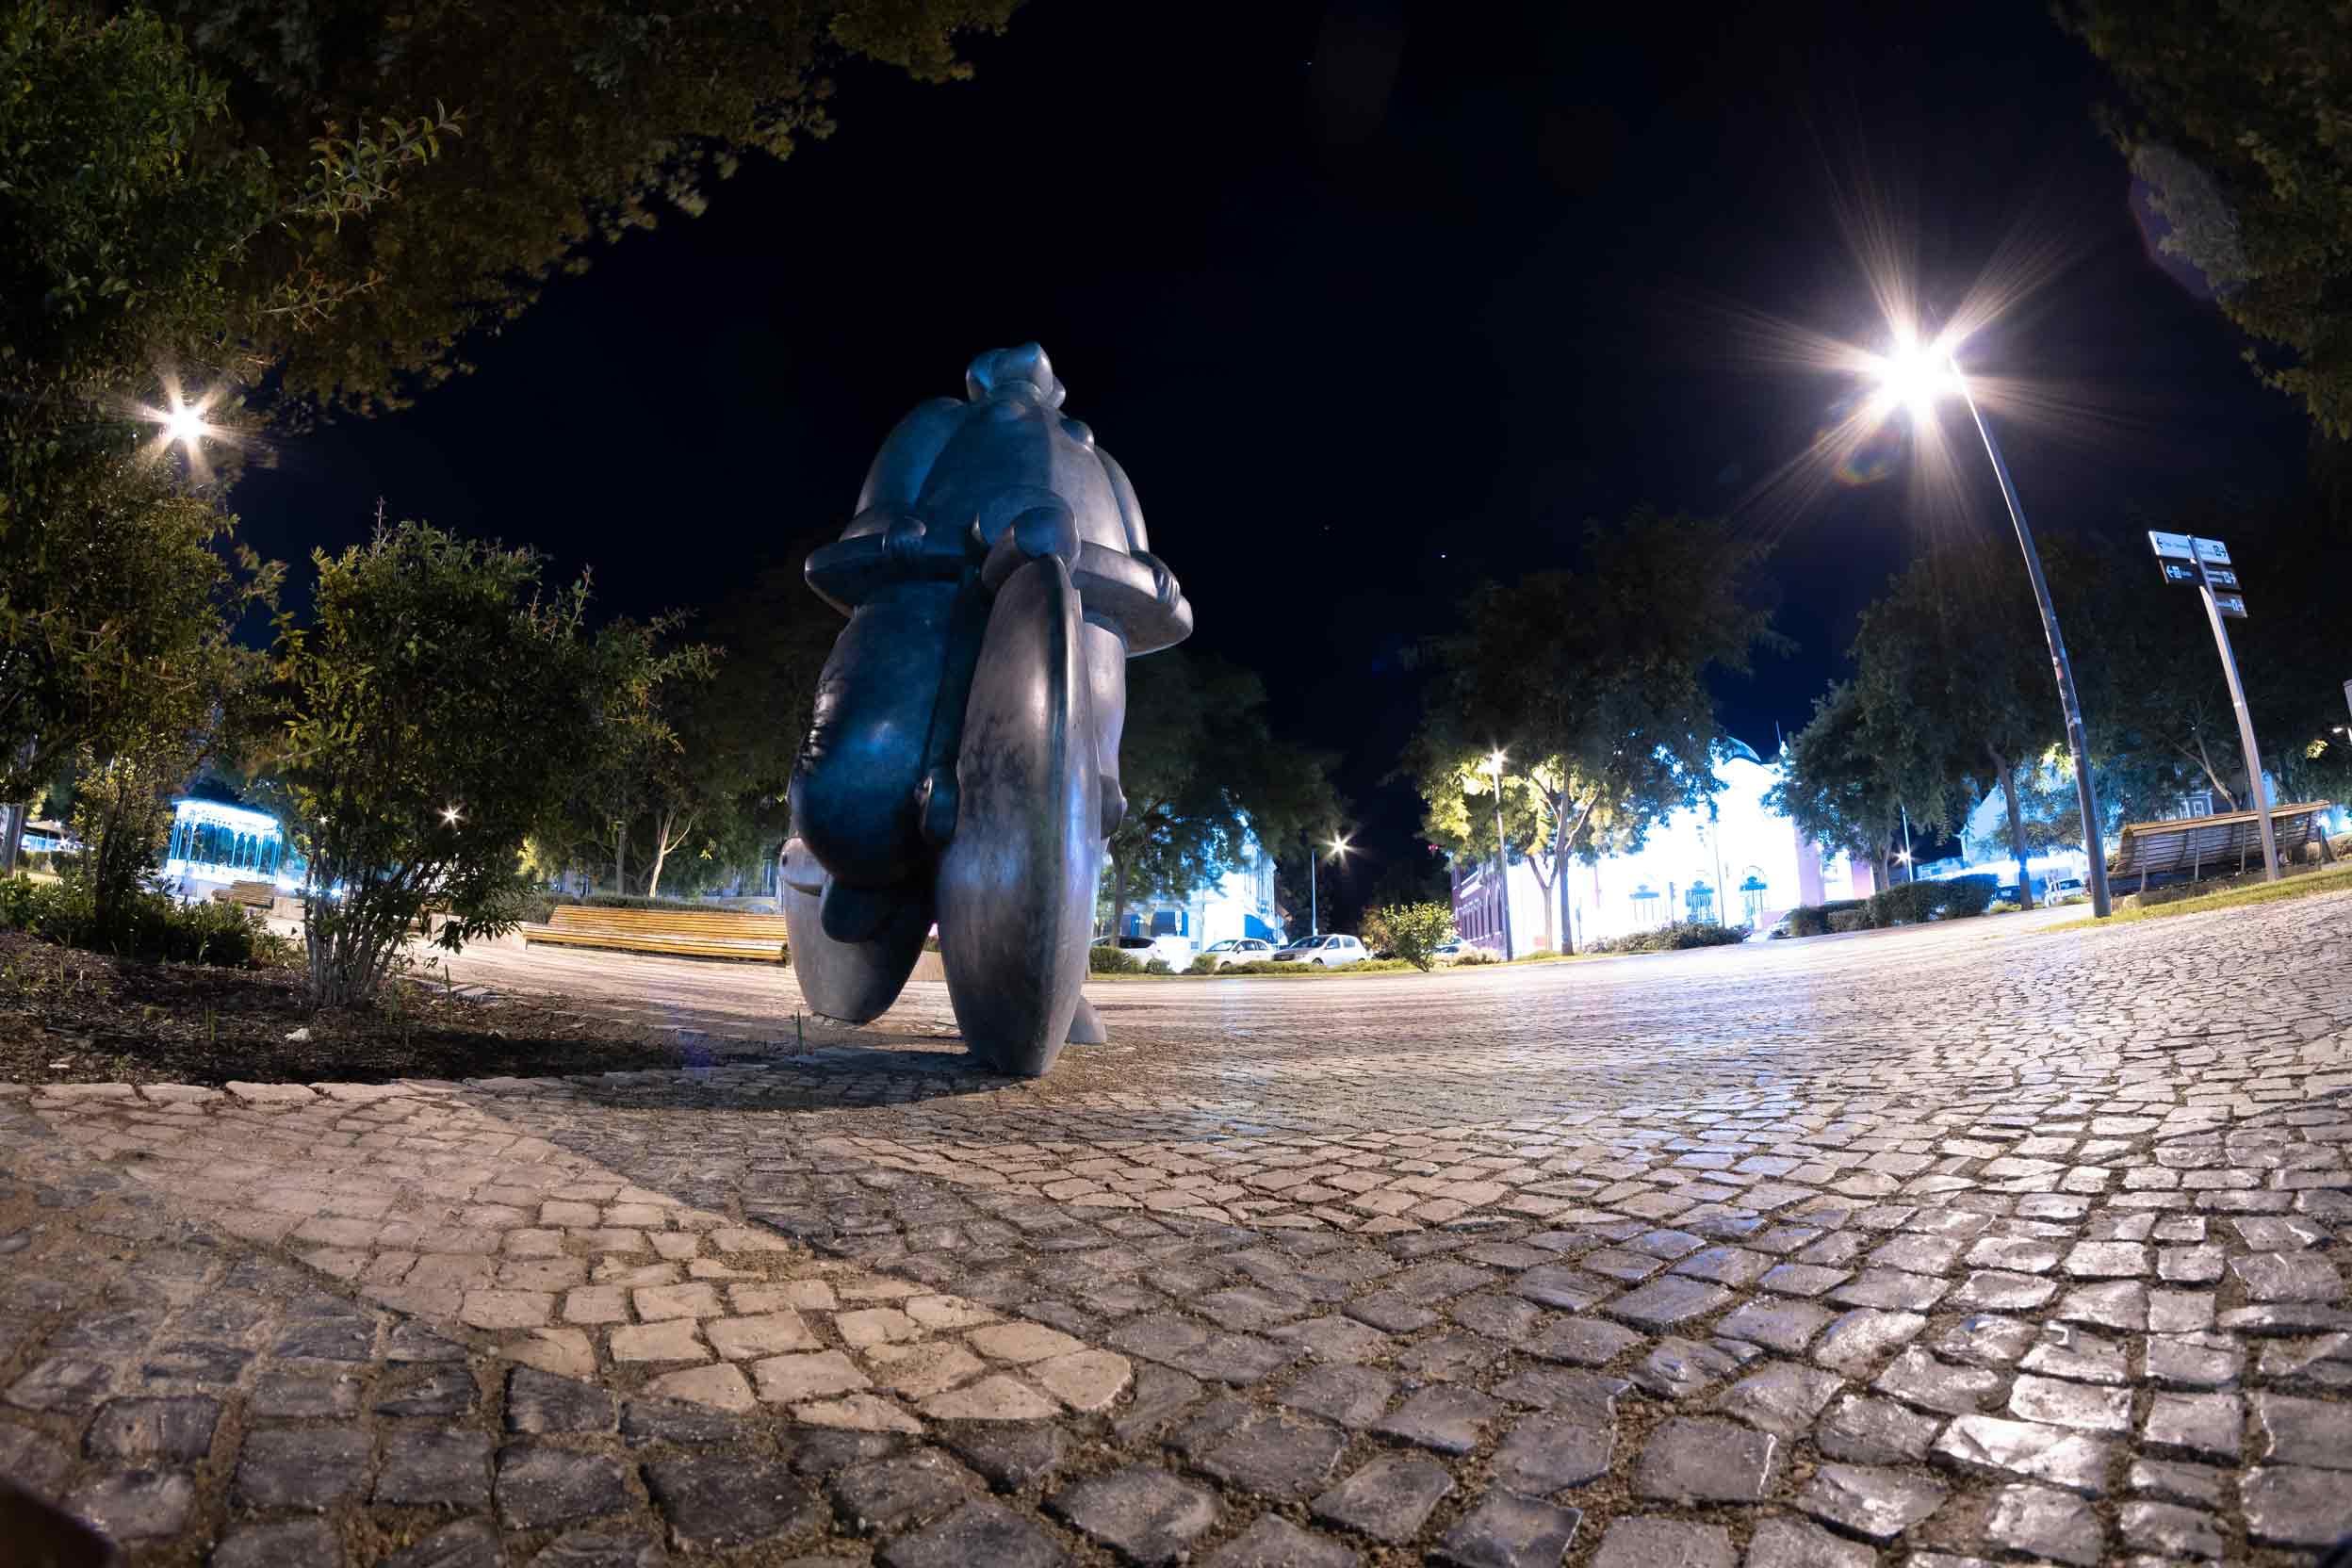 Escultura en bronce realizada en Alfa Arte a partir de la escultura original  Menina C/ Bicicleta del escultor João Duarte, instalada en la ciudad de Setúbal, en Portugal. Vista nocturna.